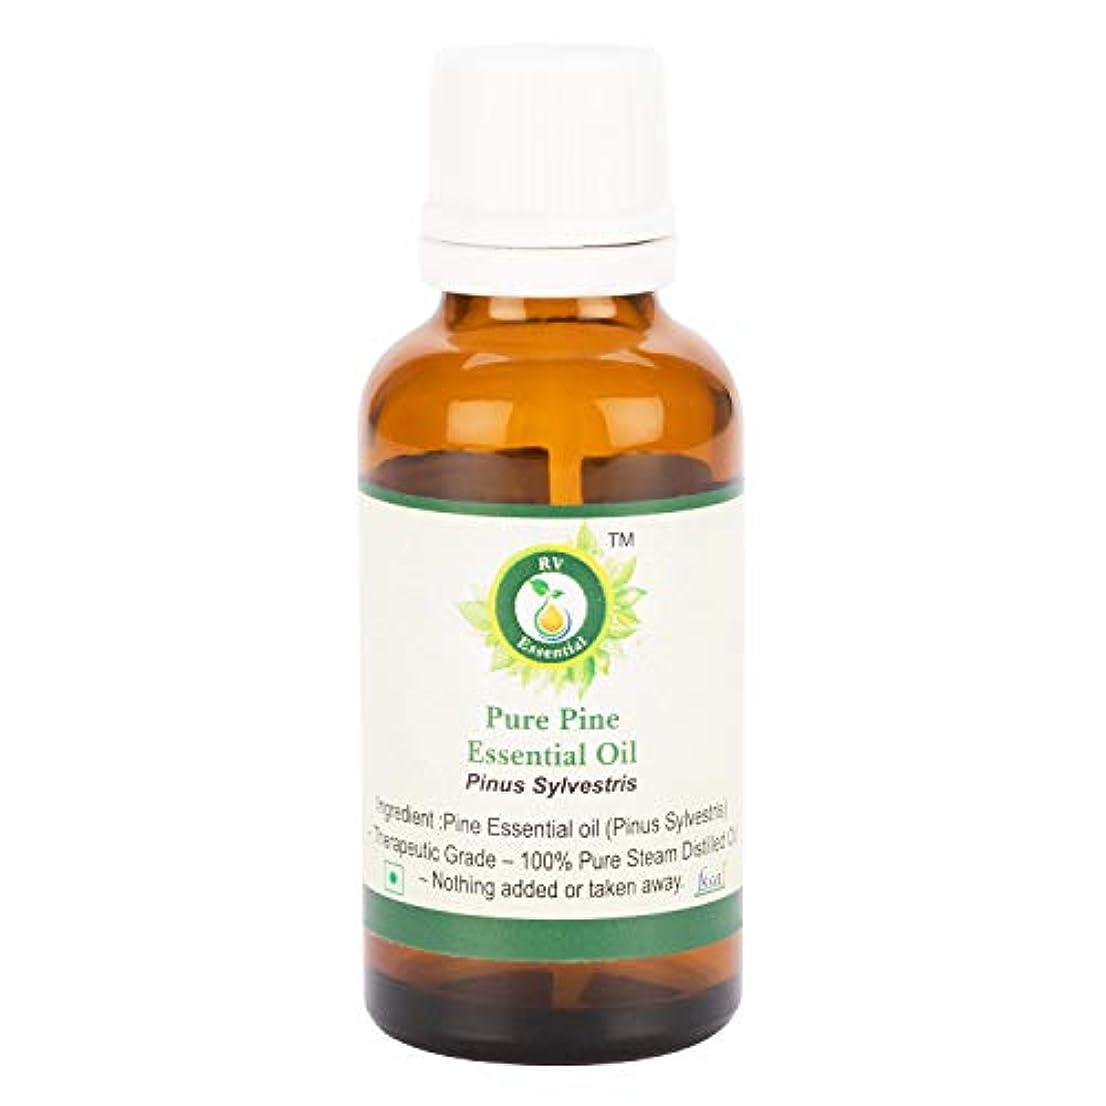 スキニー殉教者確率ピュアパインエッセンシャルオイル300ml (10oz)- Pinus Sylvestris (100%純粋&天然スチームDistilled) Pure Pine Essential Oil